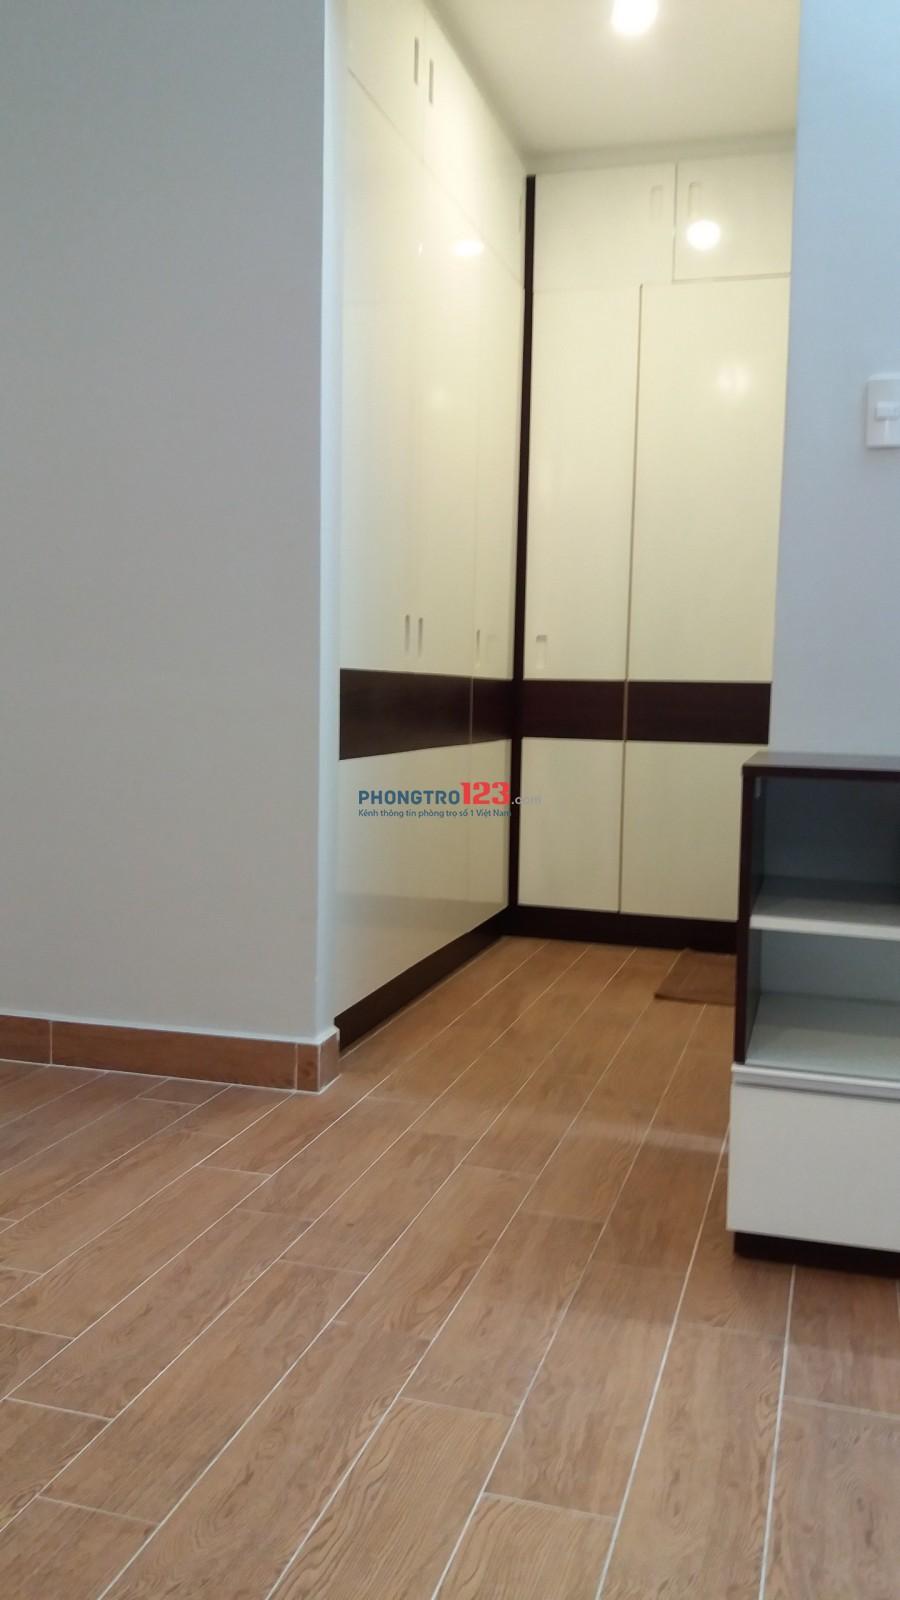 Cho thuê căn hộ mini ngay đường D1, Q.Bình Thạnh (gần Pearl Plaza- vào trung tâm Q1 chỉ 10 phút)